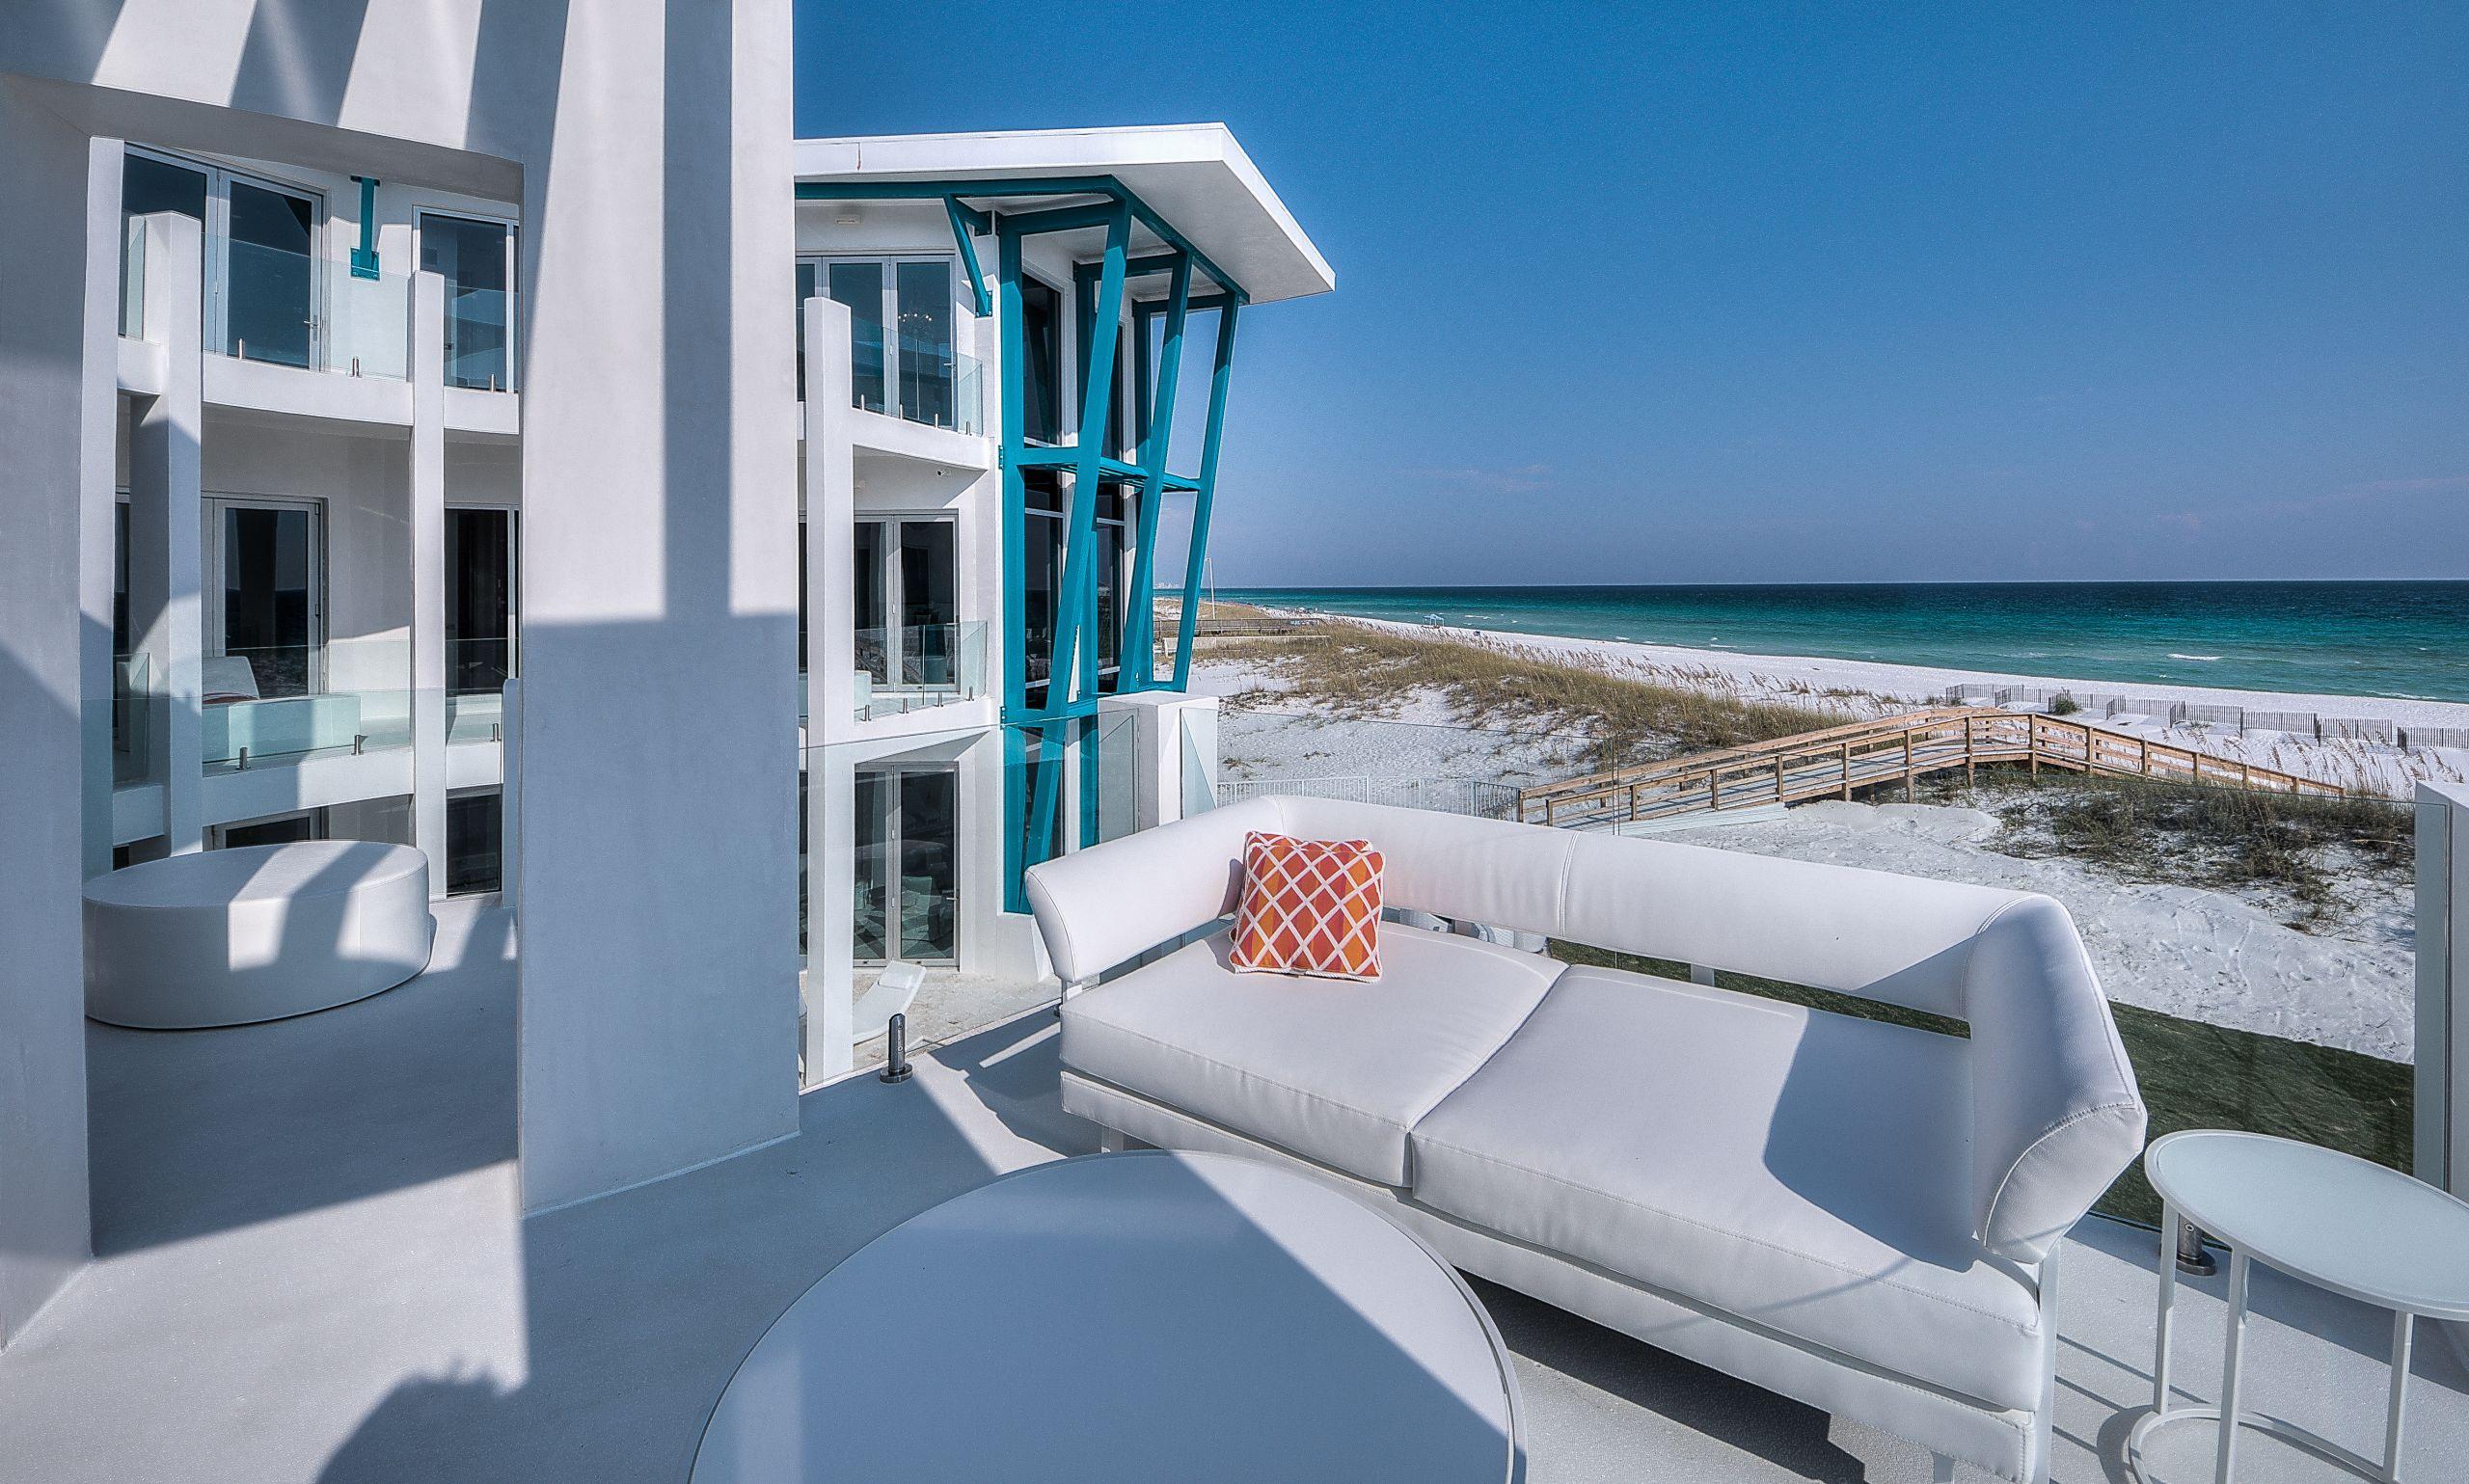 Sold | 618 Gulf Shore Drive | 6,520,000